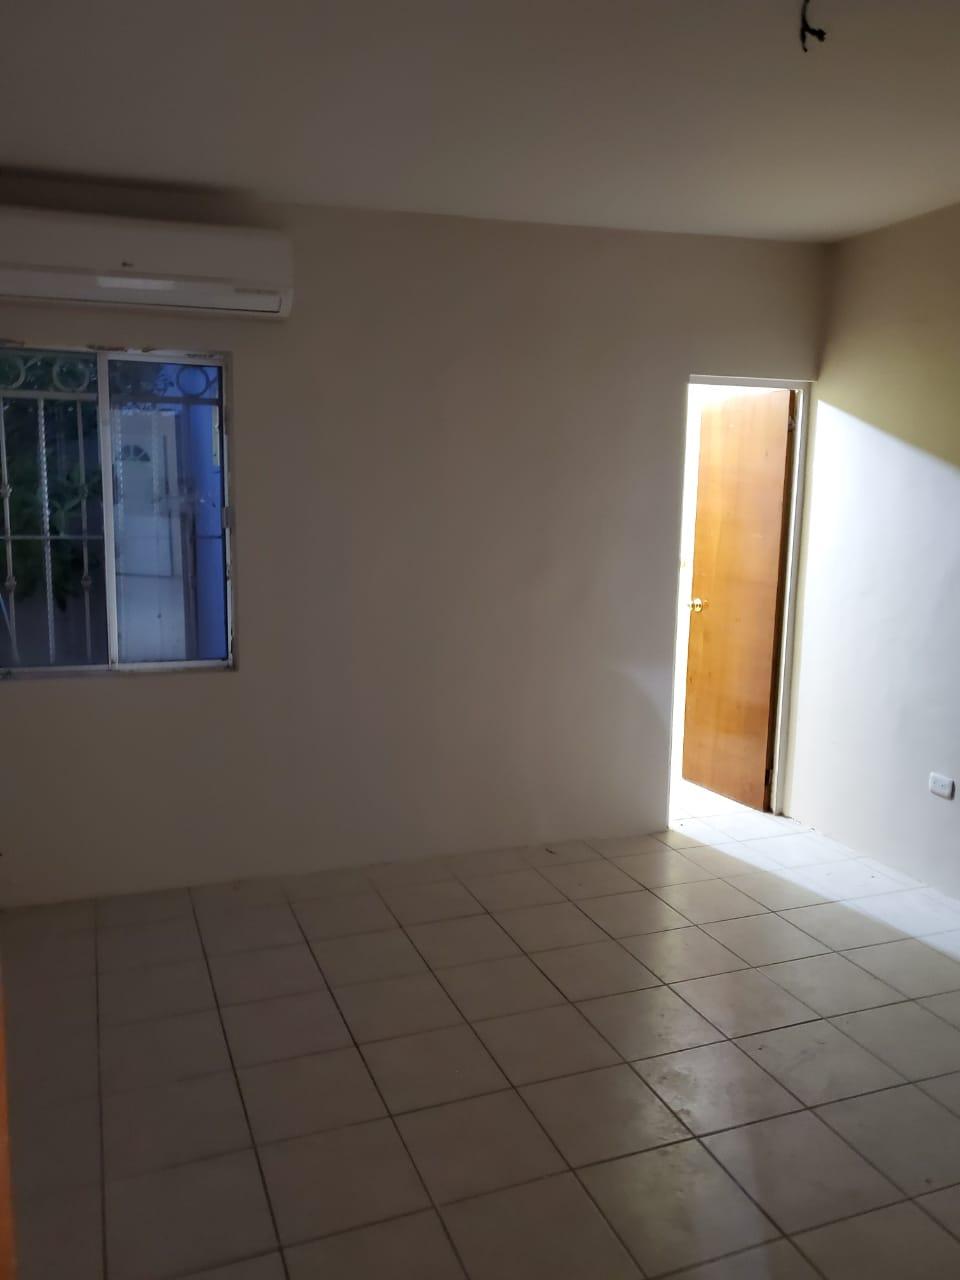 Renta de Casa, Fracc. Loma Bonita #112, Col. Loma Bonita Primera Etapa, Piedras Negras, Coahuila. (RC #36)